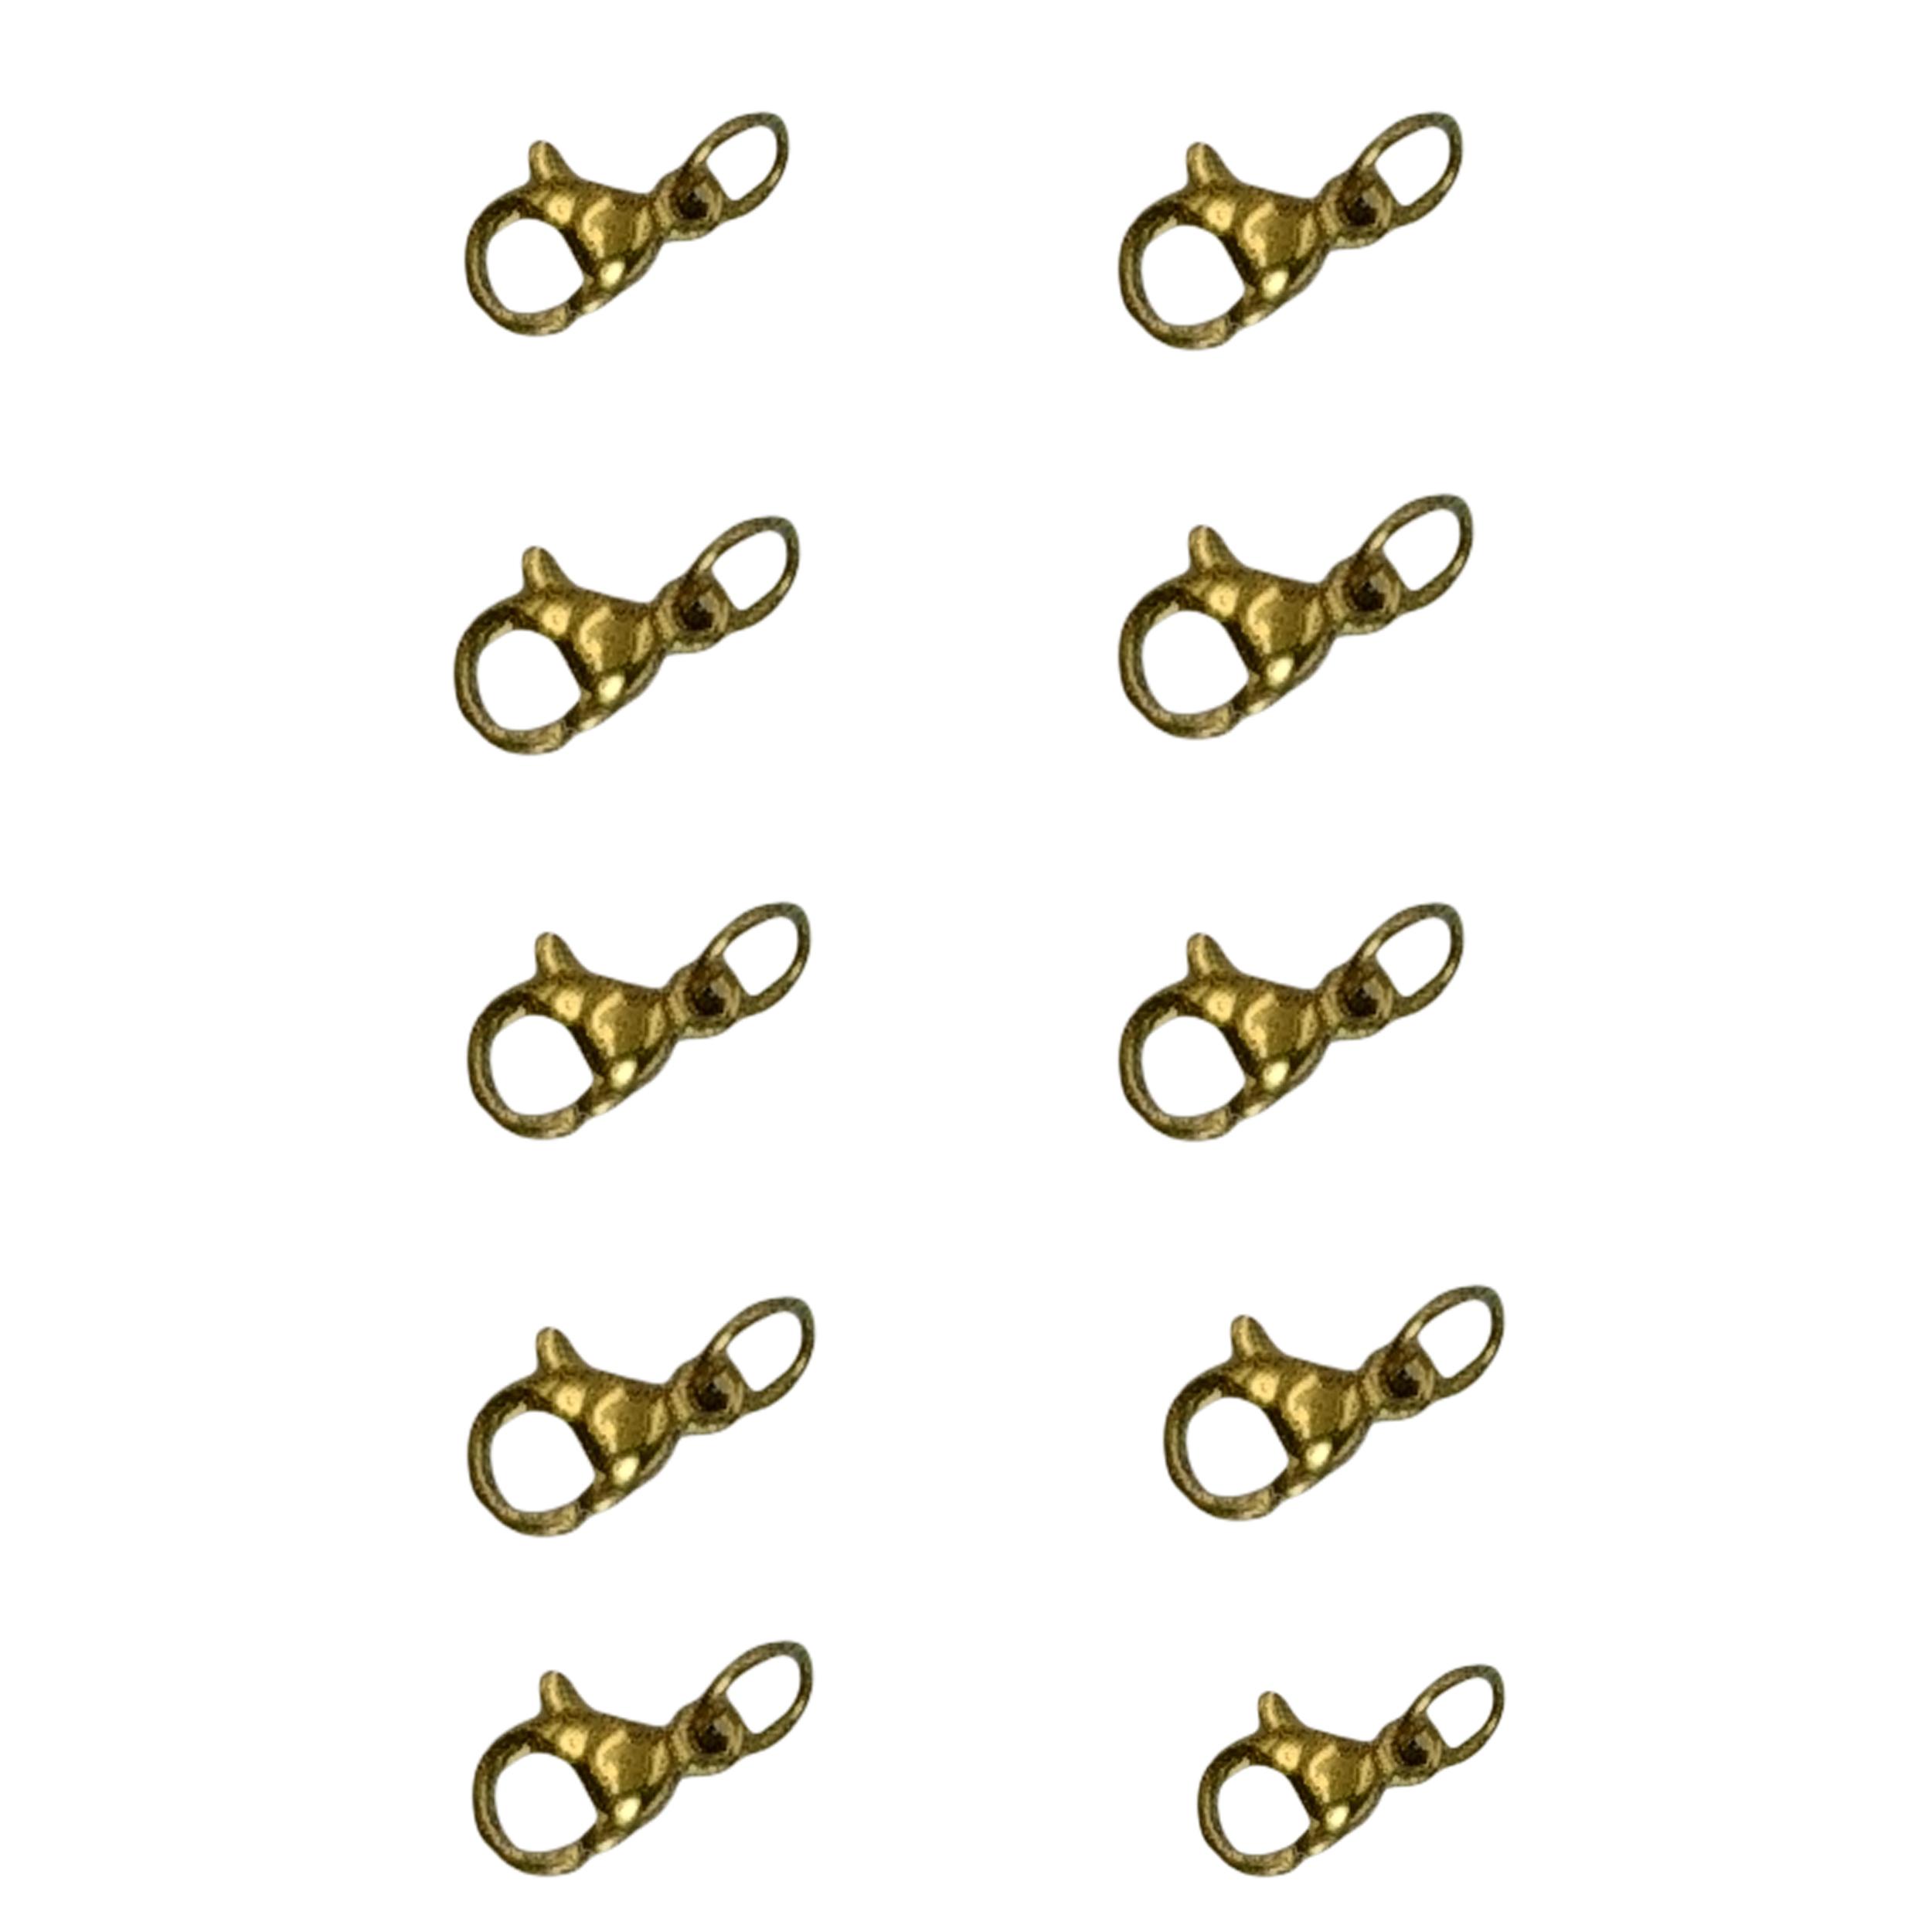 قفل دستبند کد 360 بسته 10 عددی